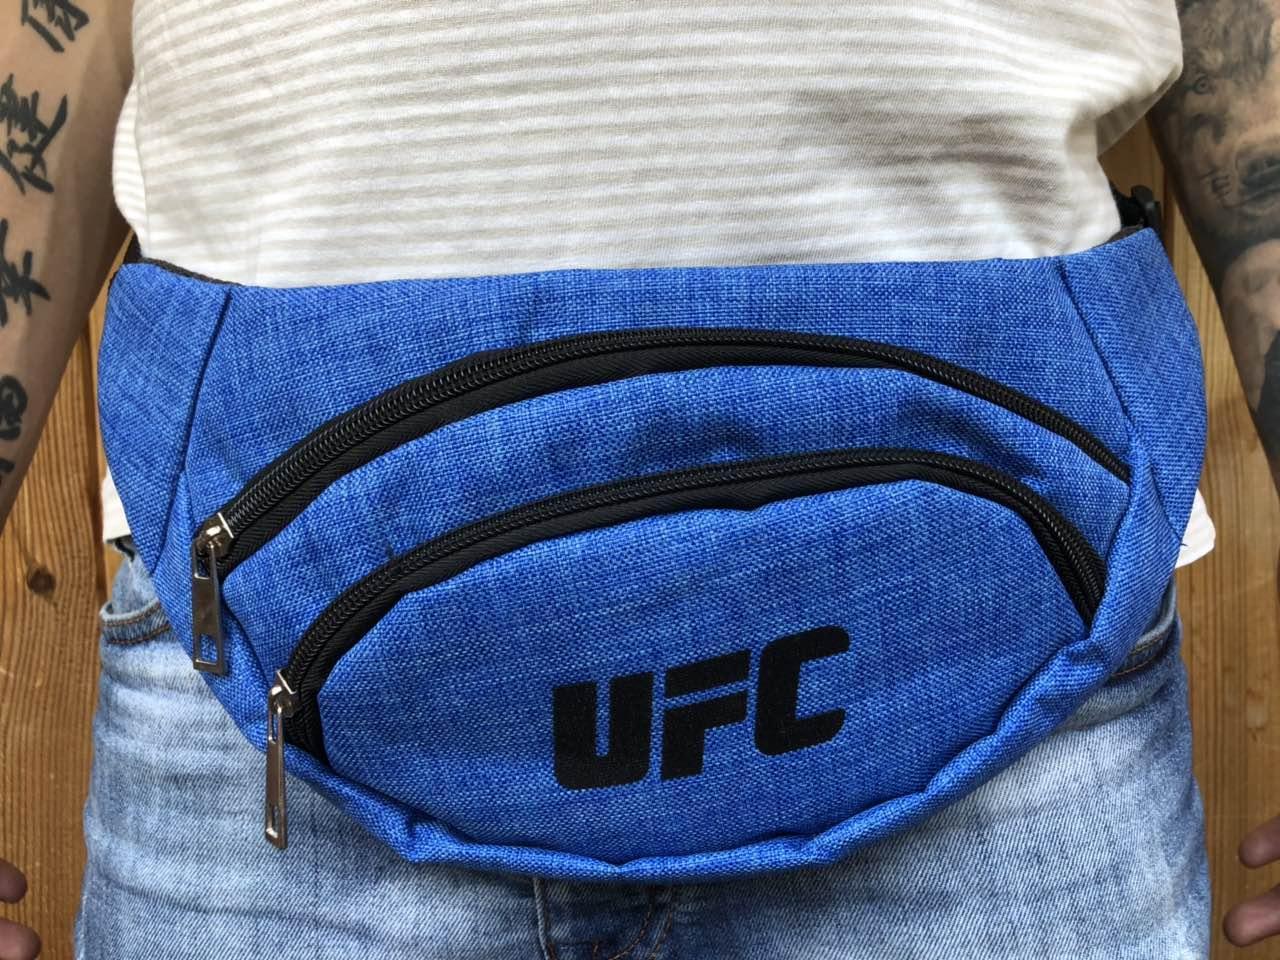 Поясная сумка синяя в стиле UFC 2 отделения (Бананка), из мессенджер pvc, банан, трендовая сумка